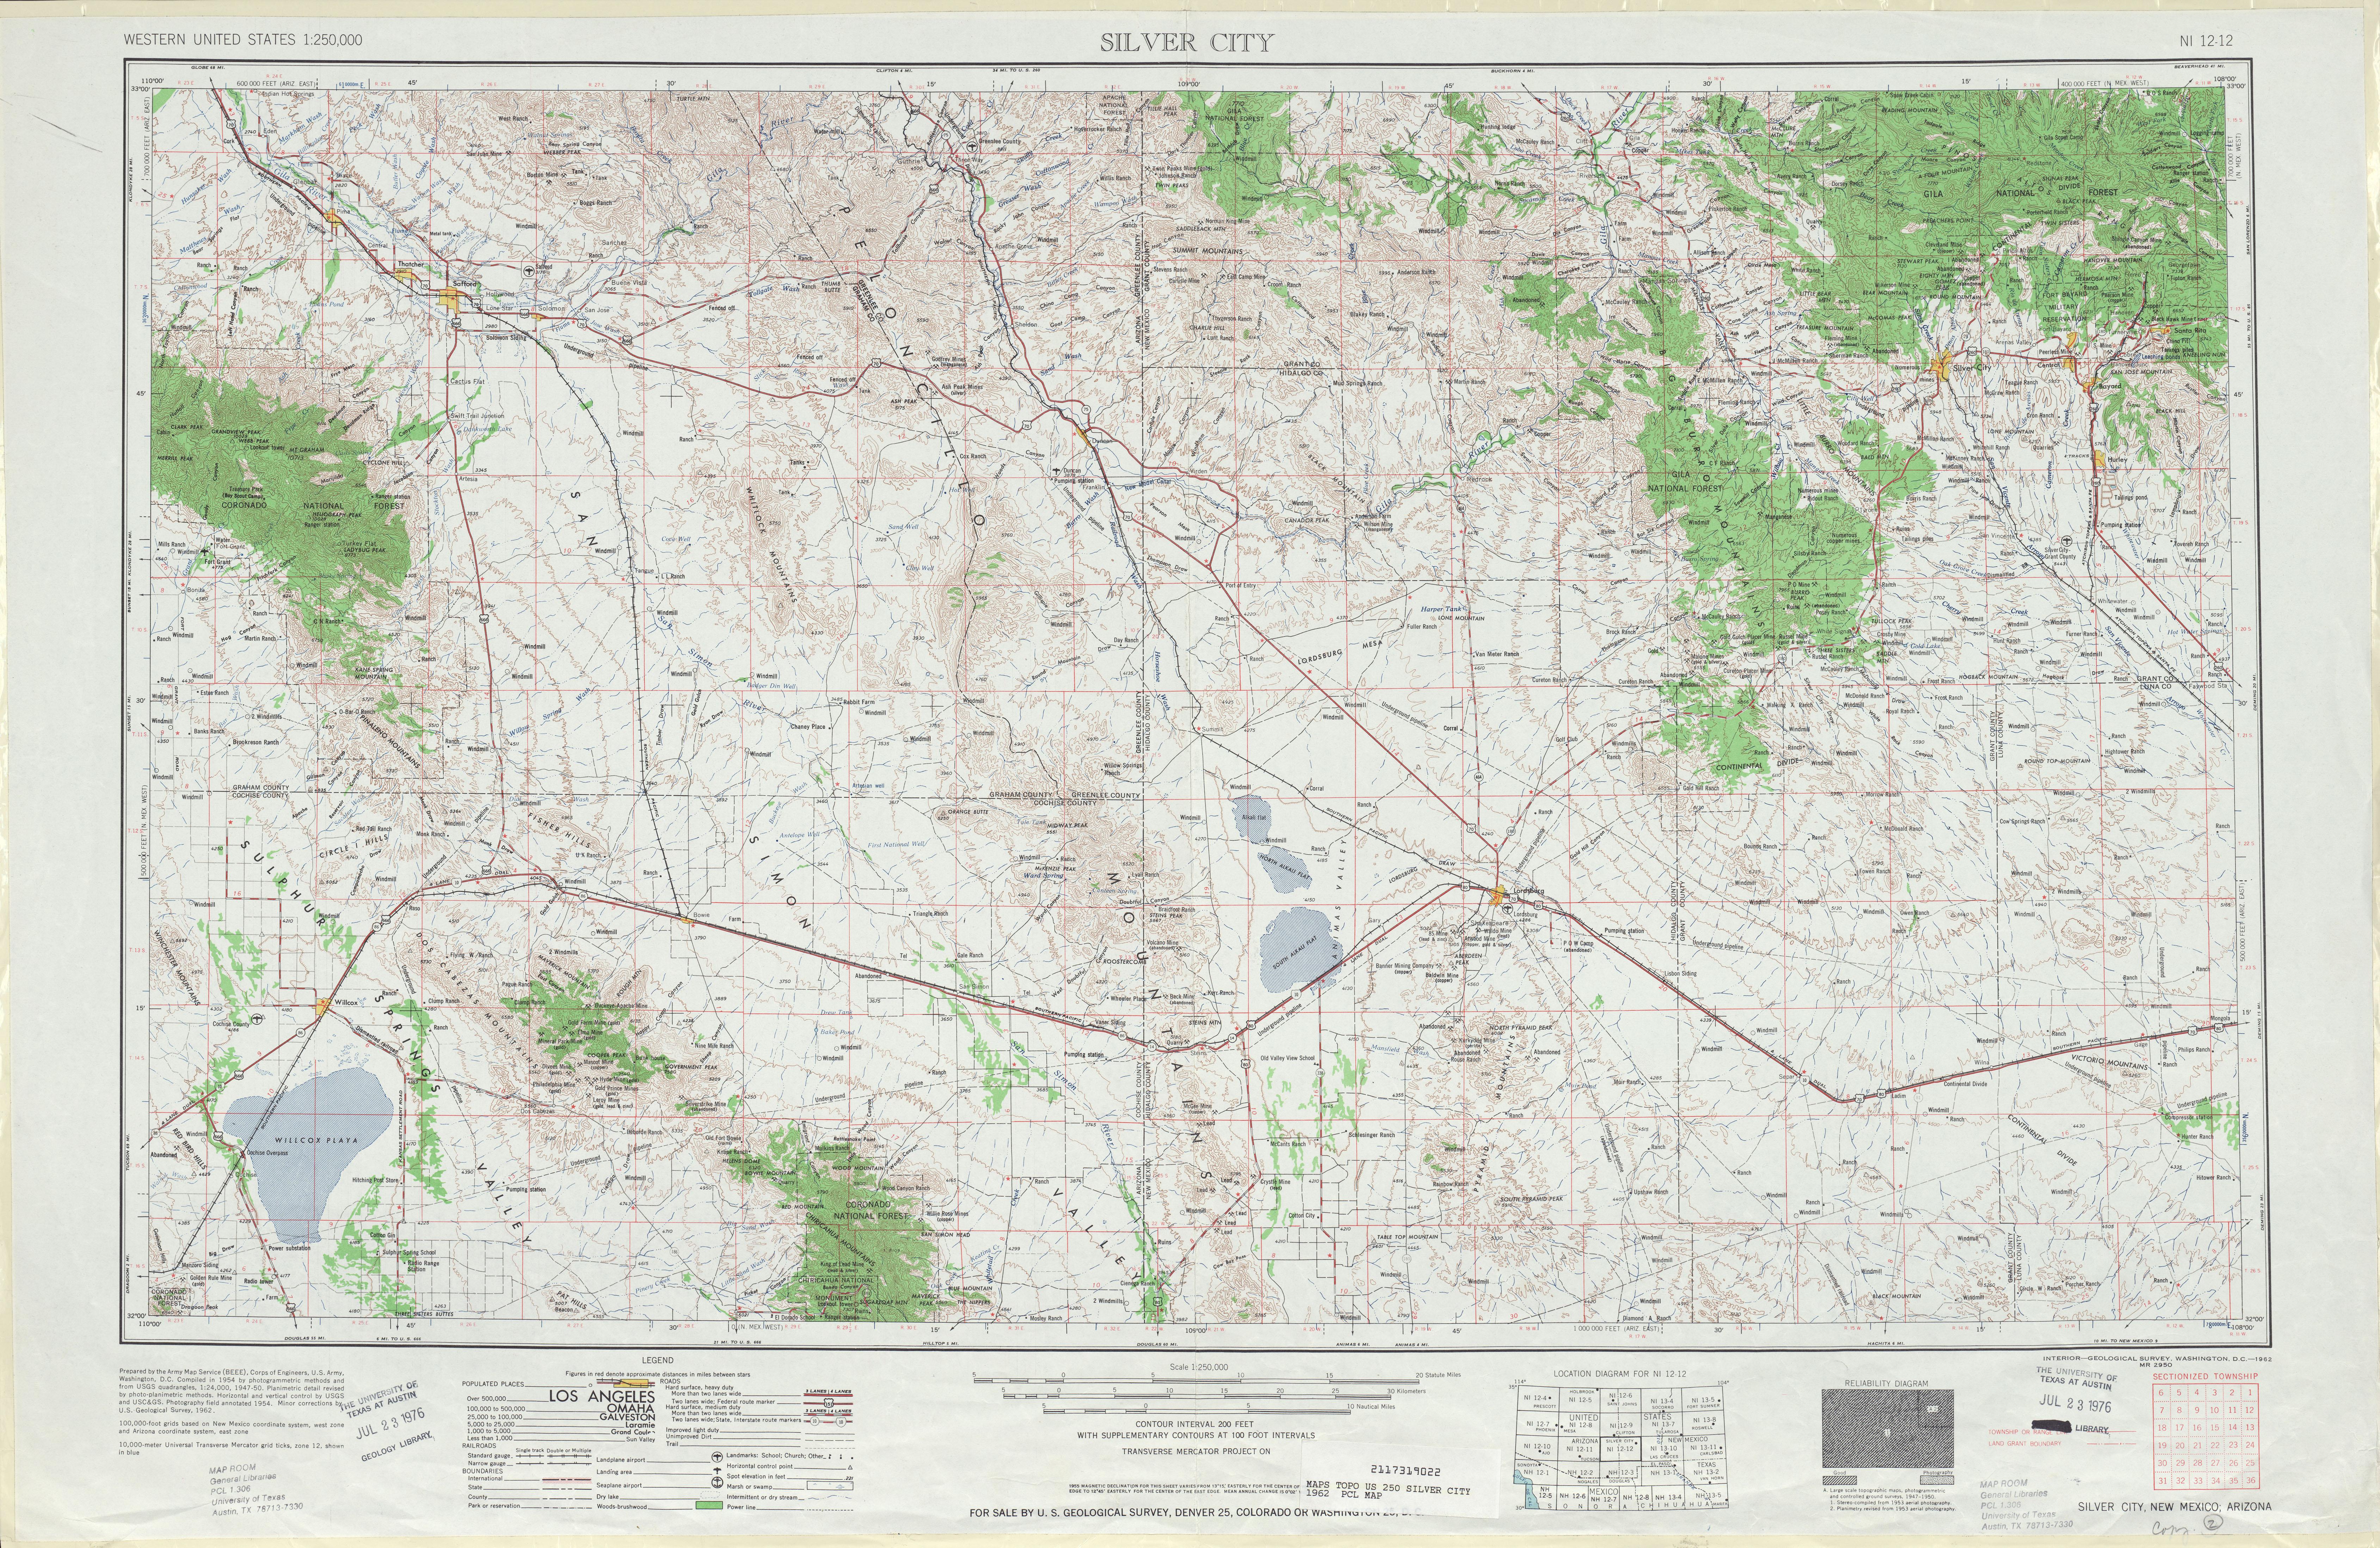 Hoja Silver City del Mapa Topográfico de los Estados Unidos 1962